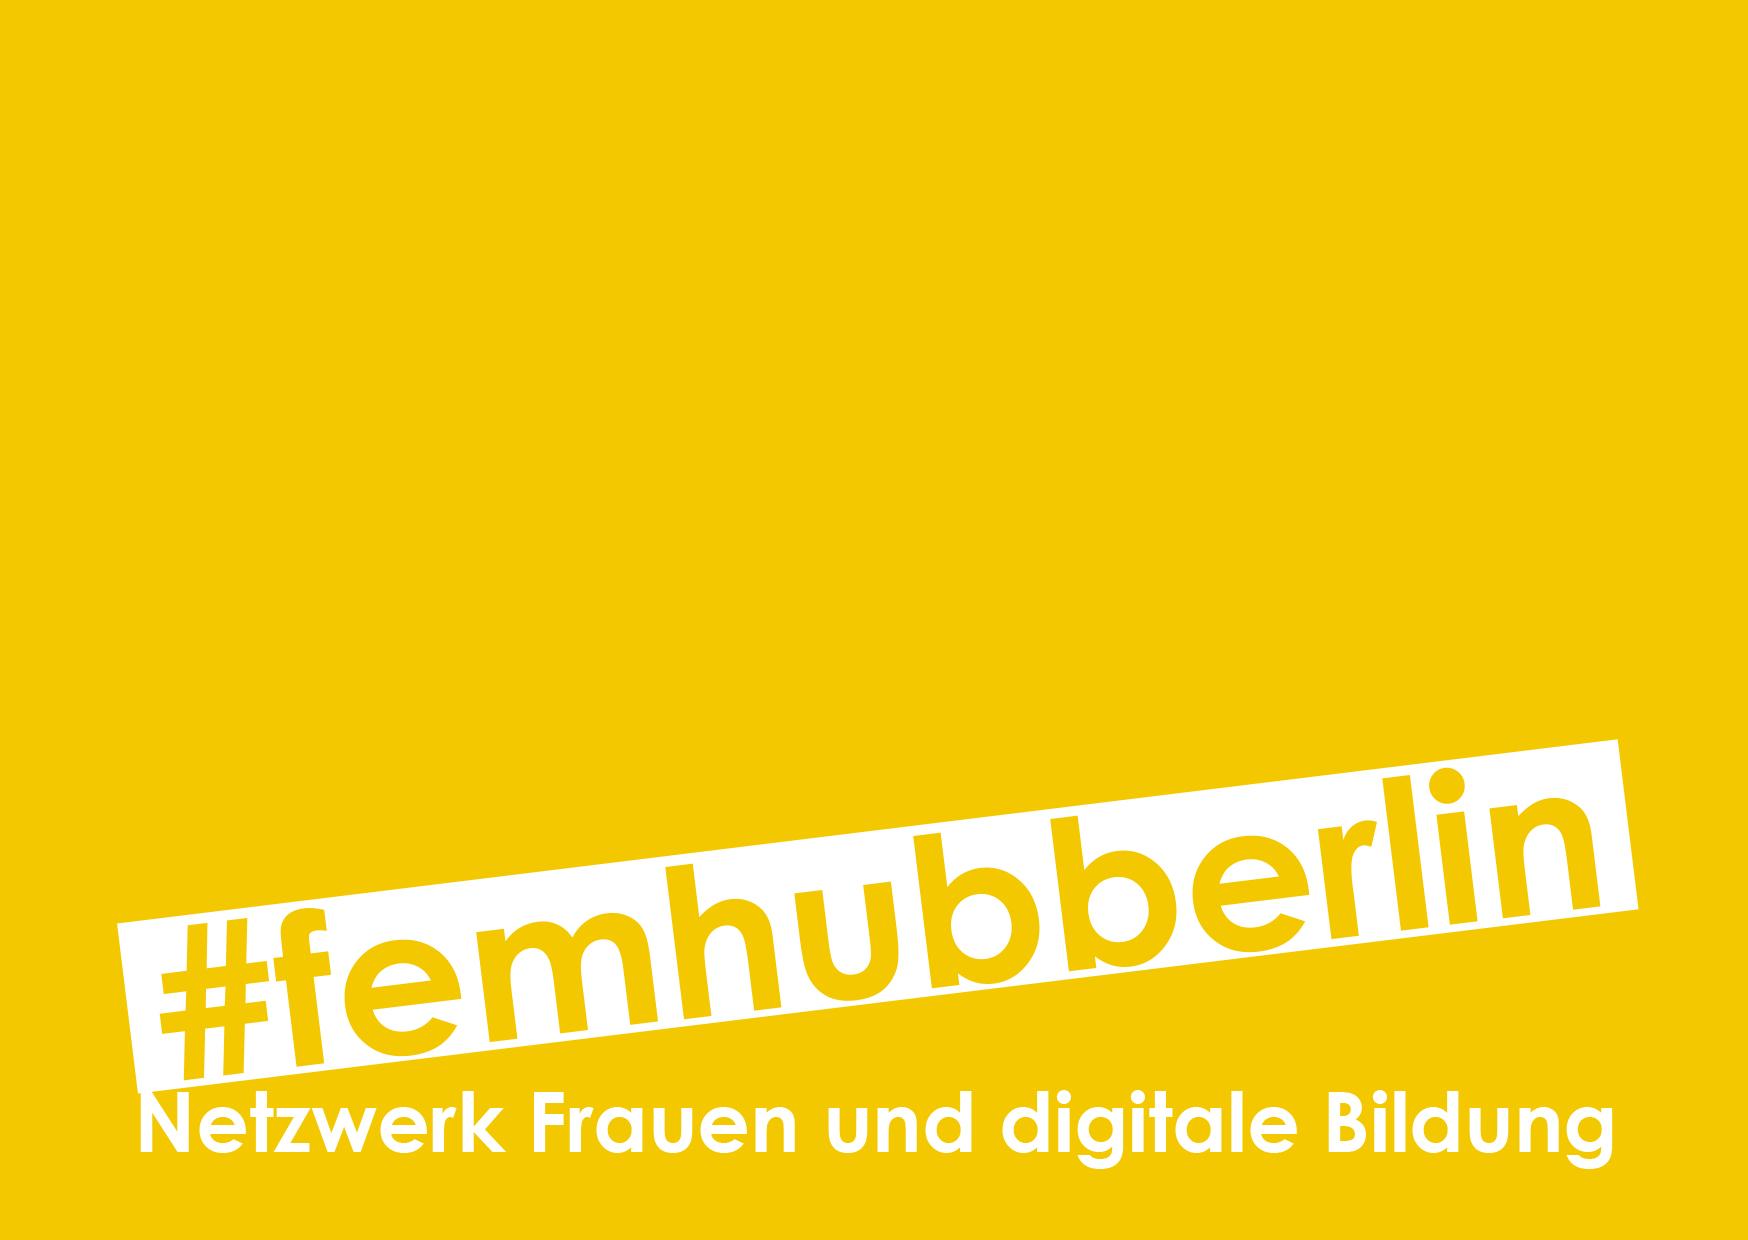 #femhubberlin08 - Netzwerktreffen für Frauen und digitale Bildung